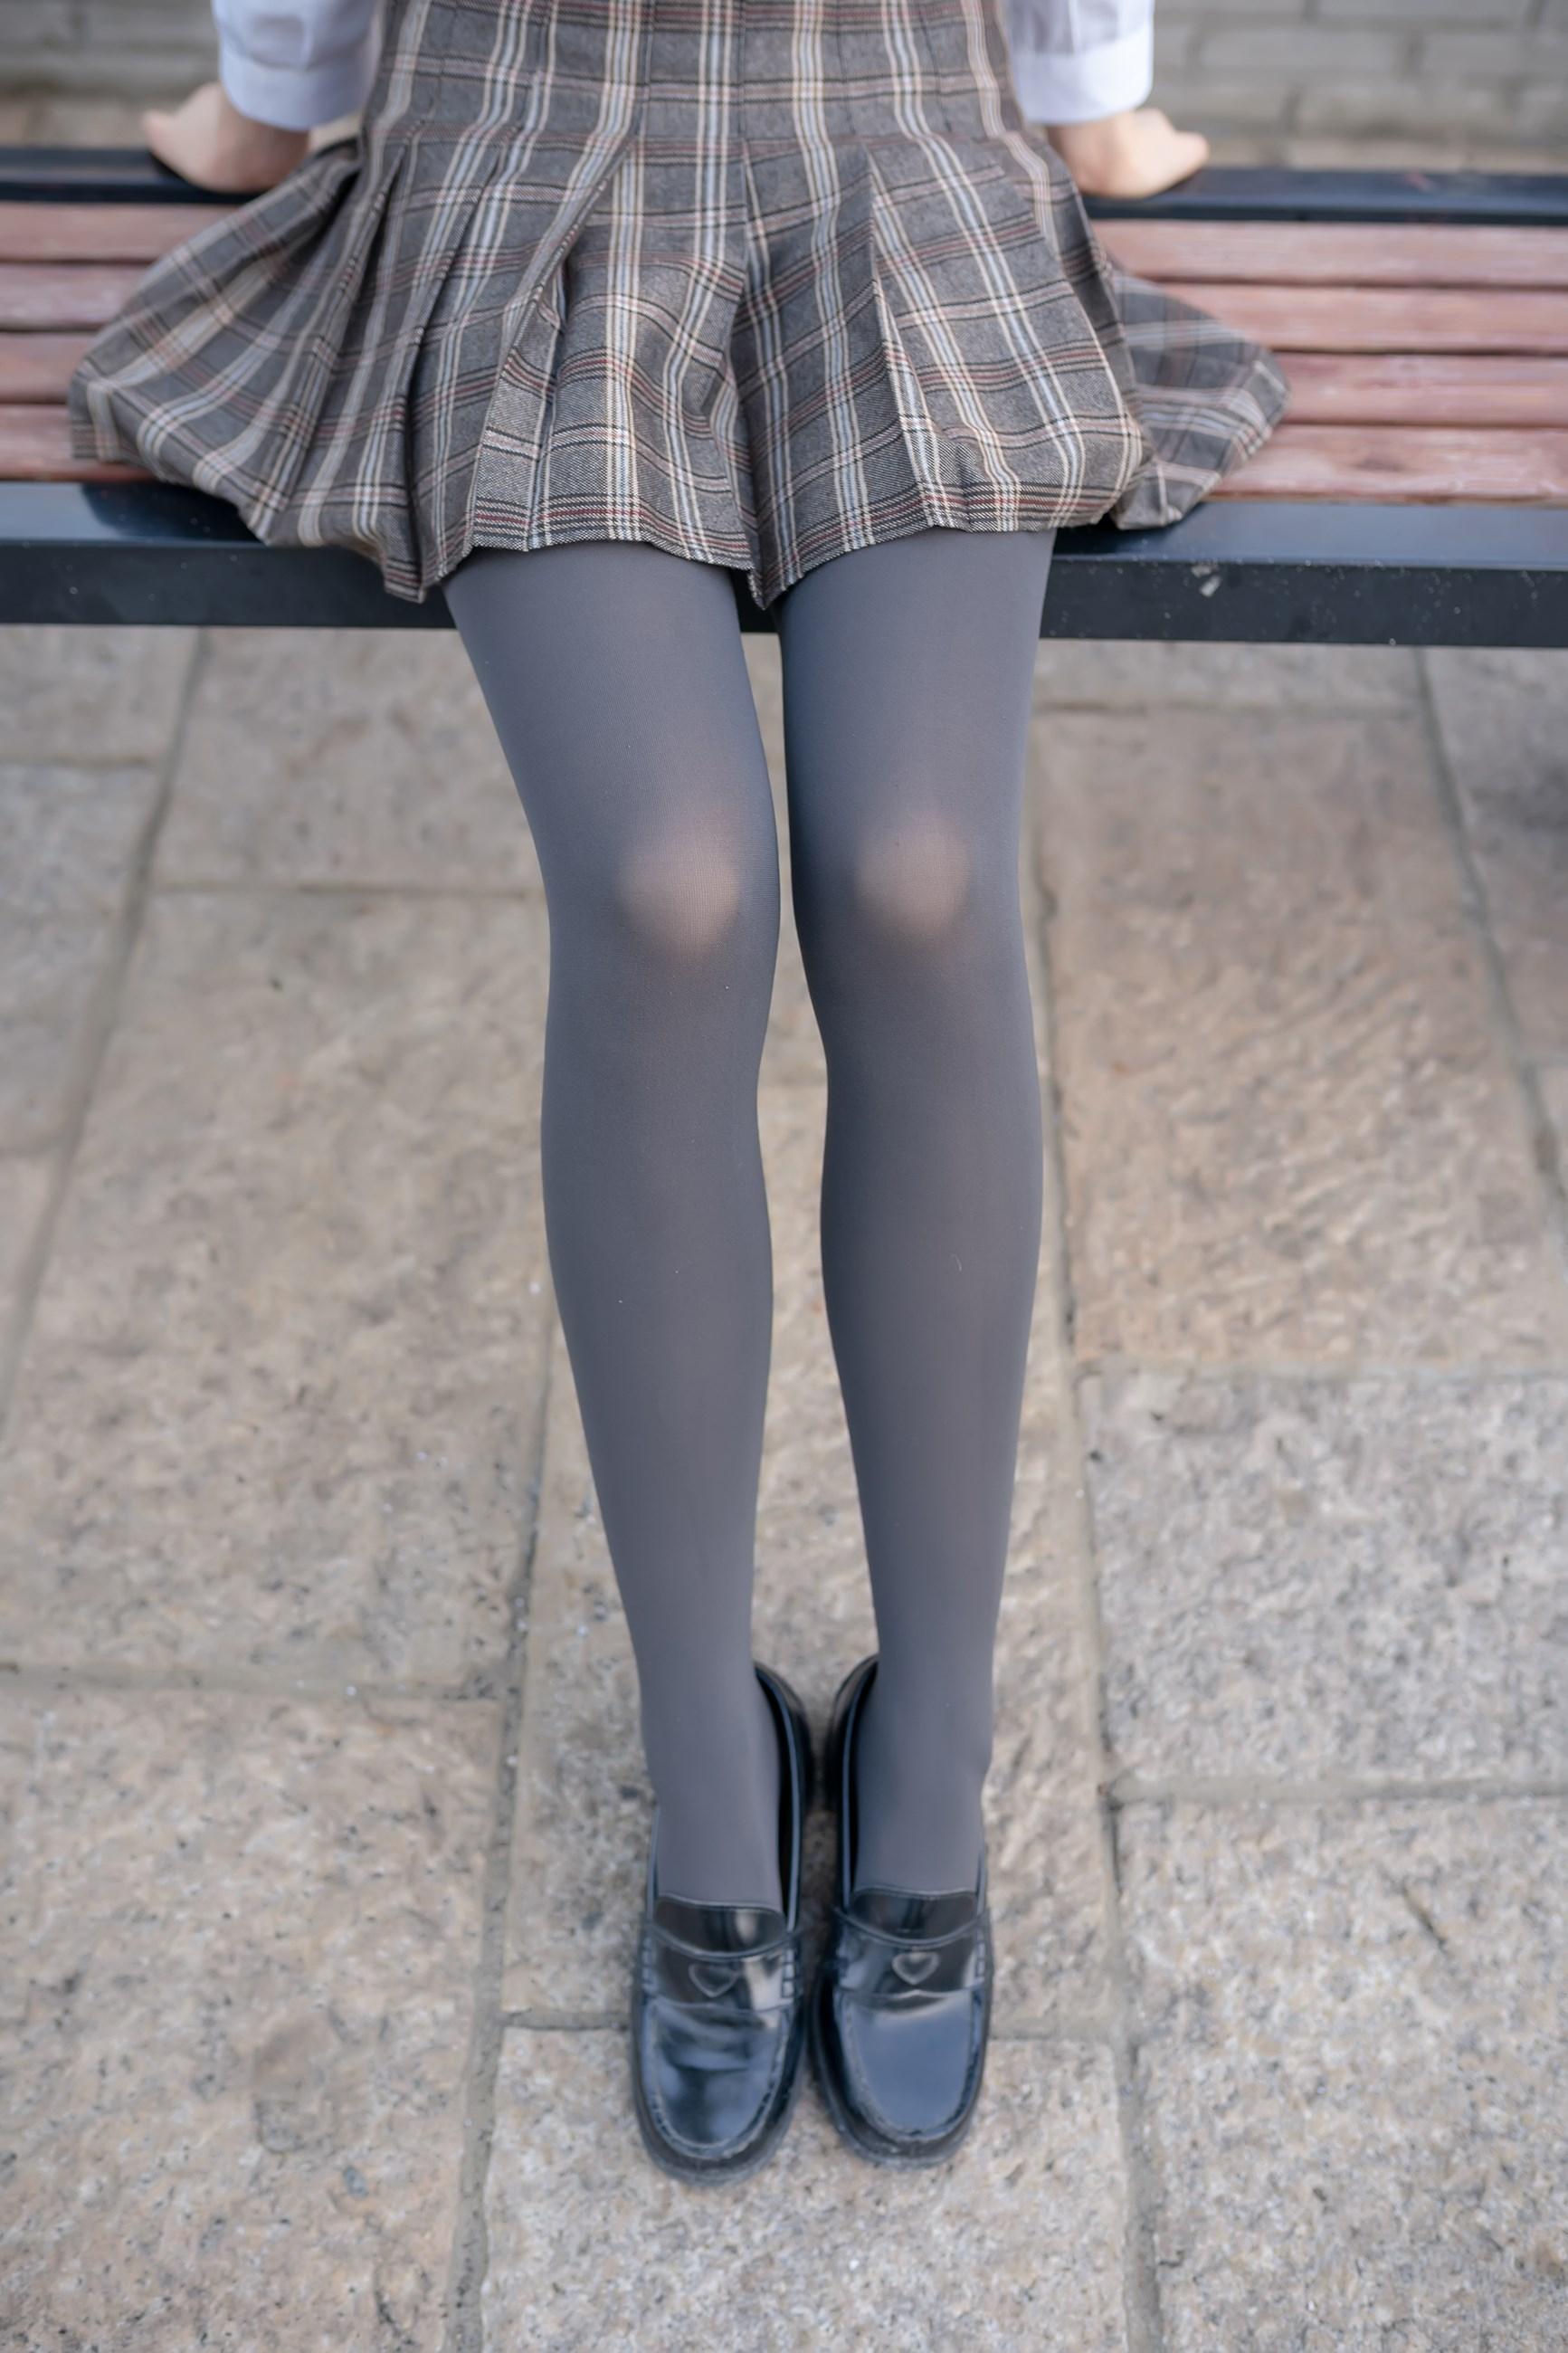 【兔玩映画】这个腿也太棒了吧! 兔玩映画 第6张